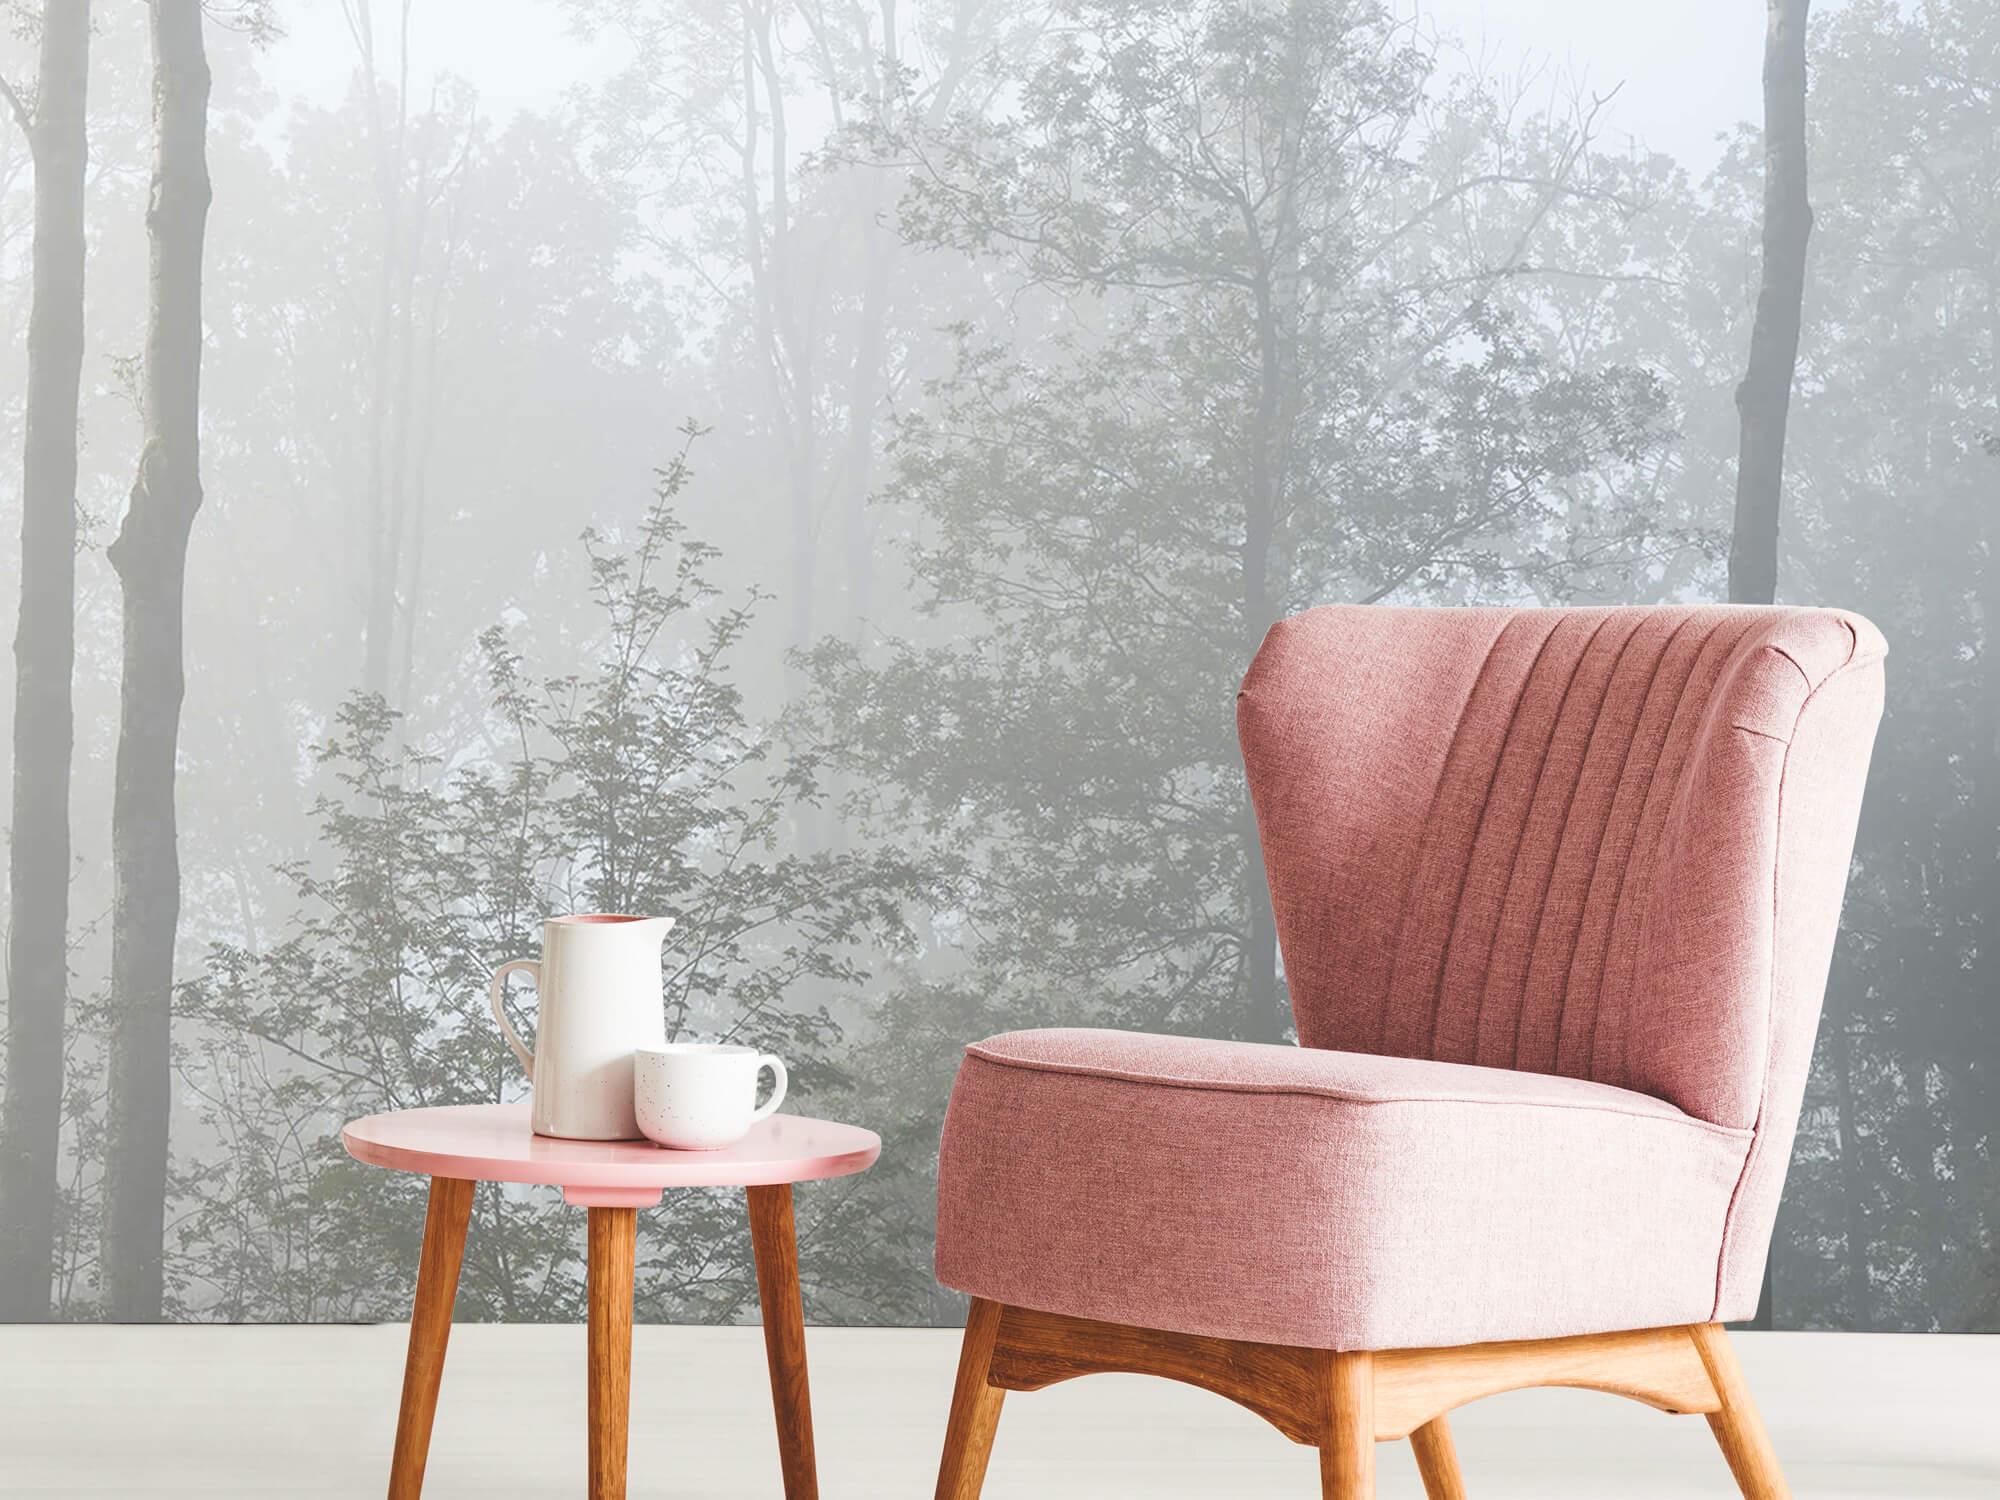 Bos behang Dichte mist in het bos 9